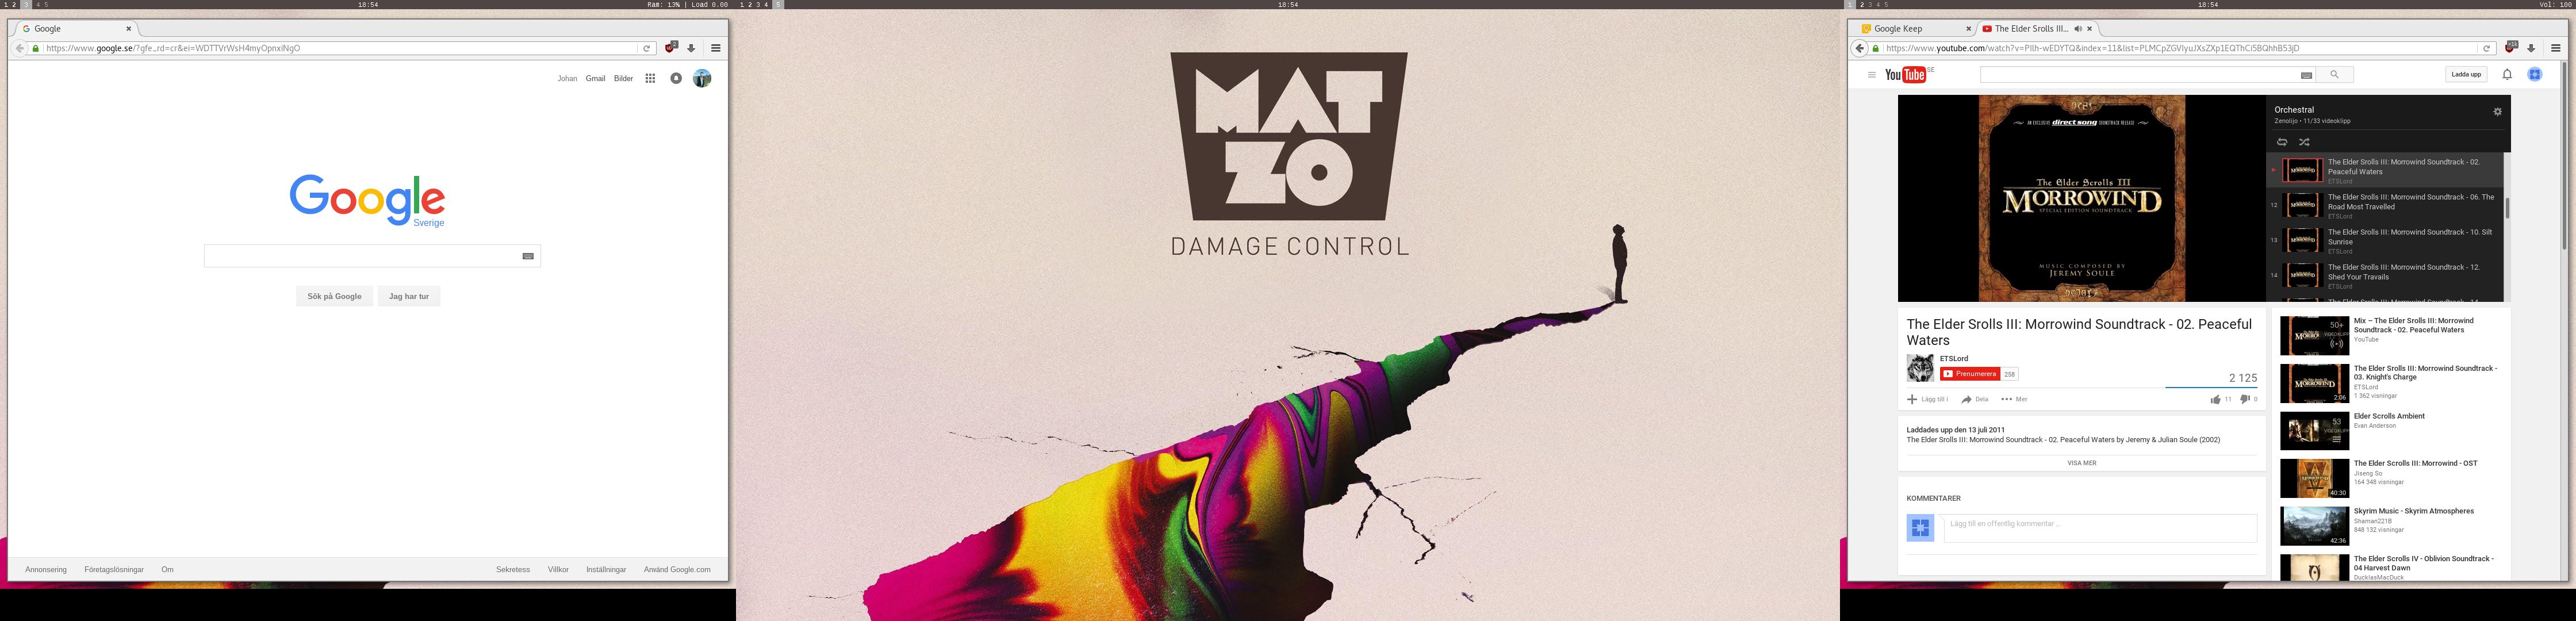 2015-04 bspwm desktop grey matzo